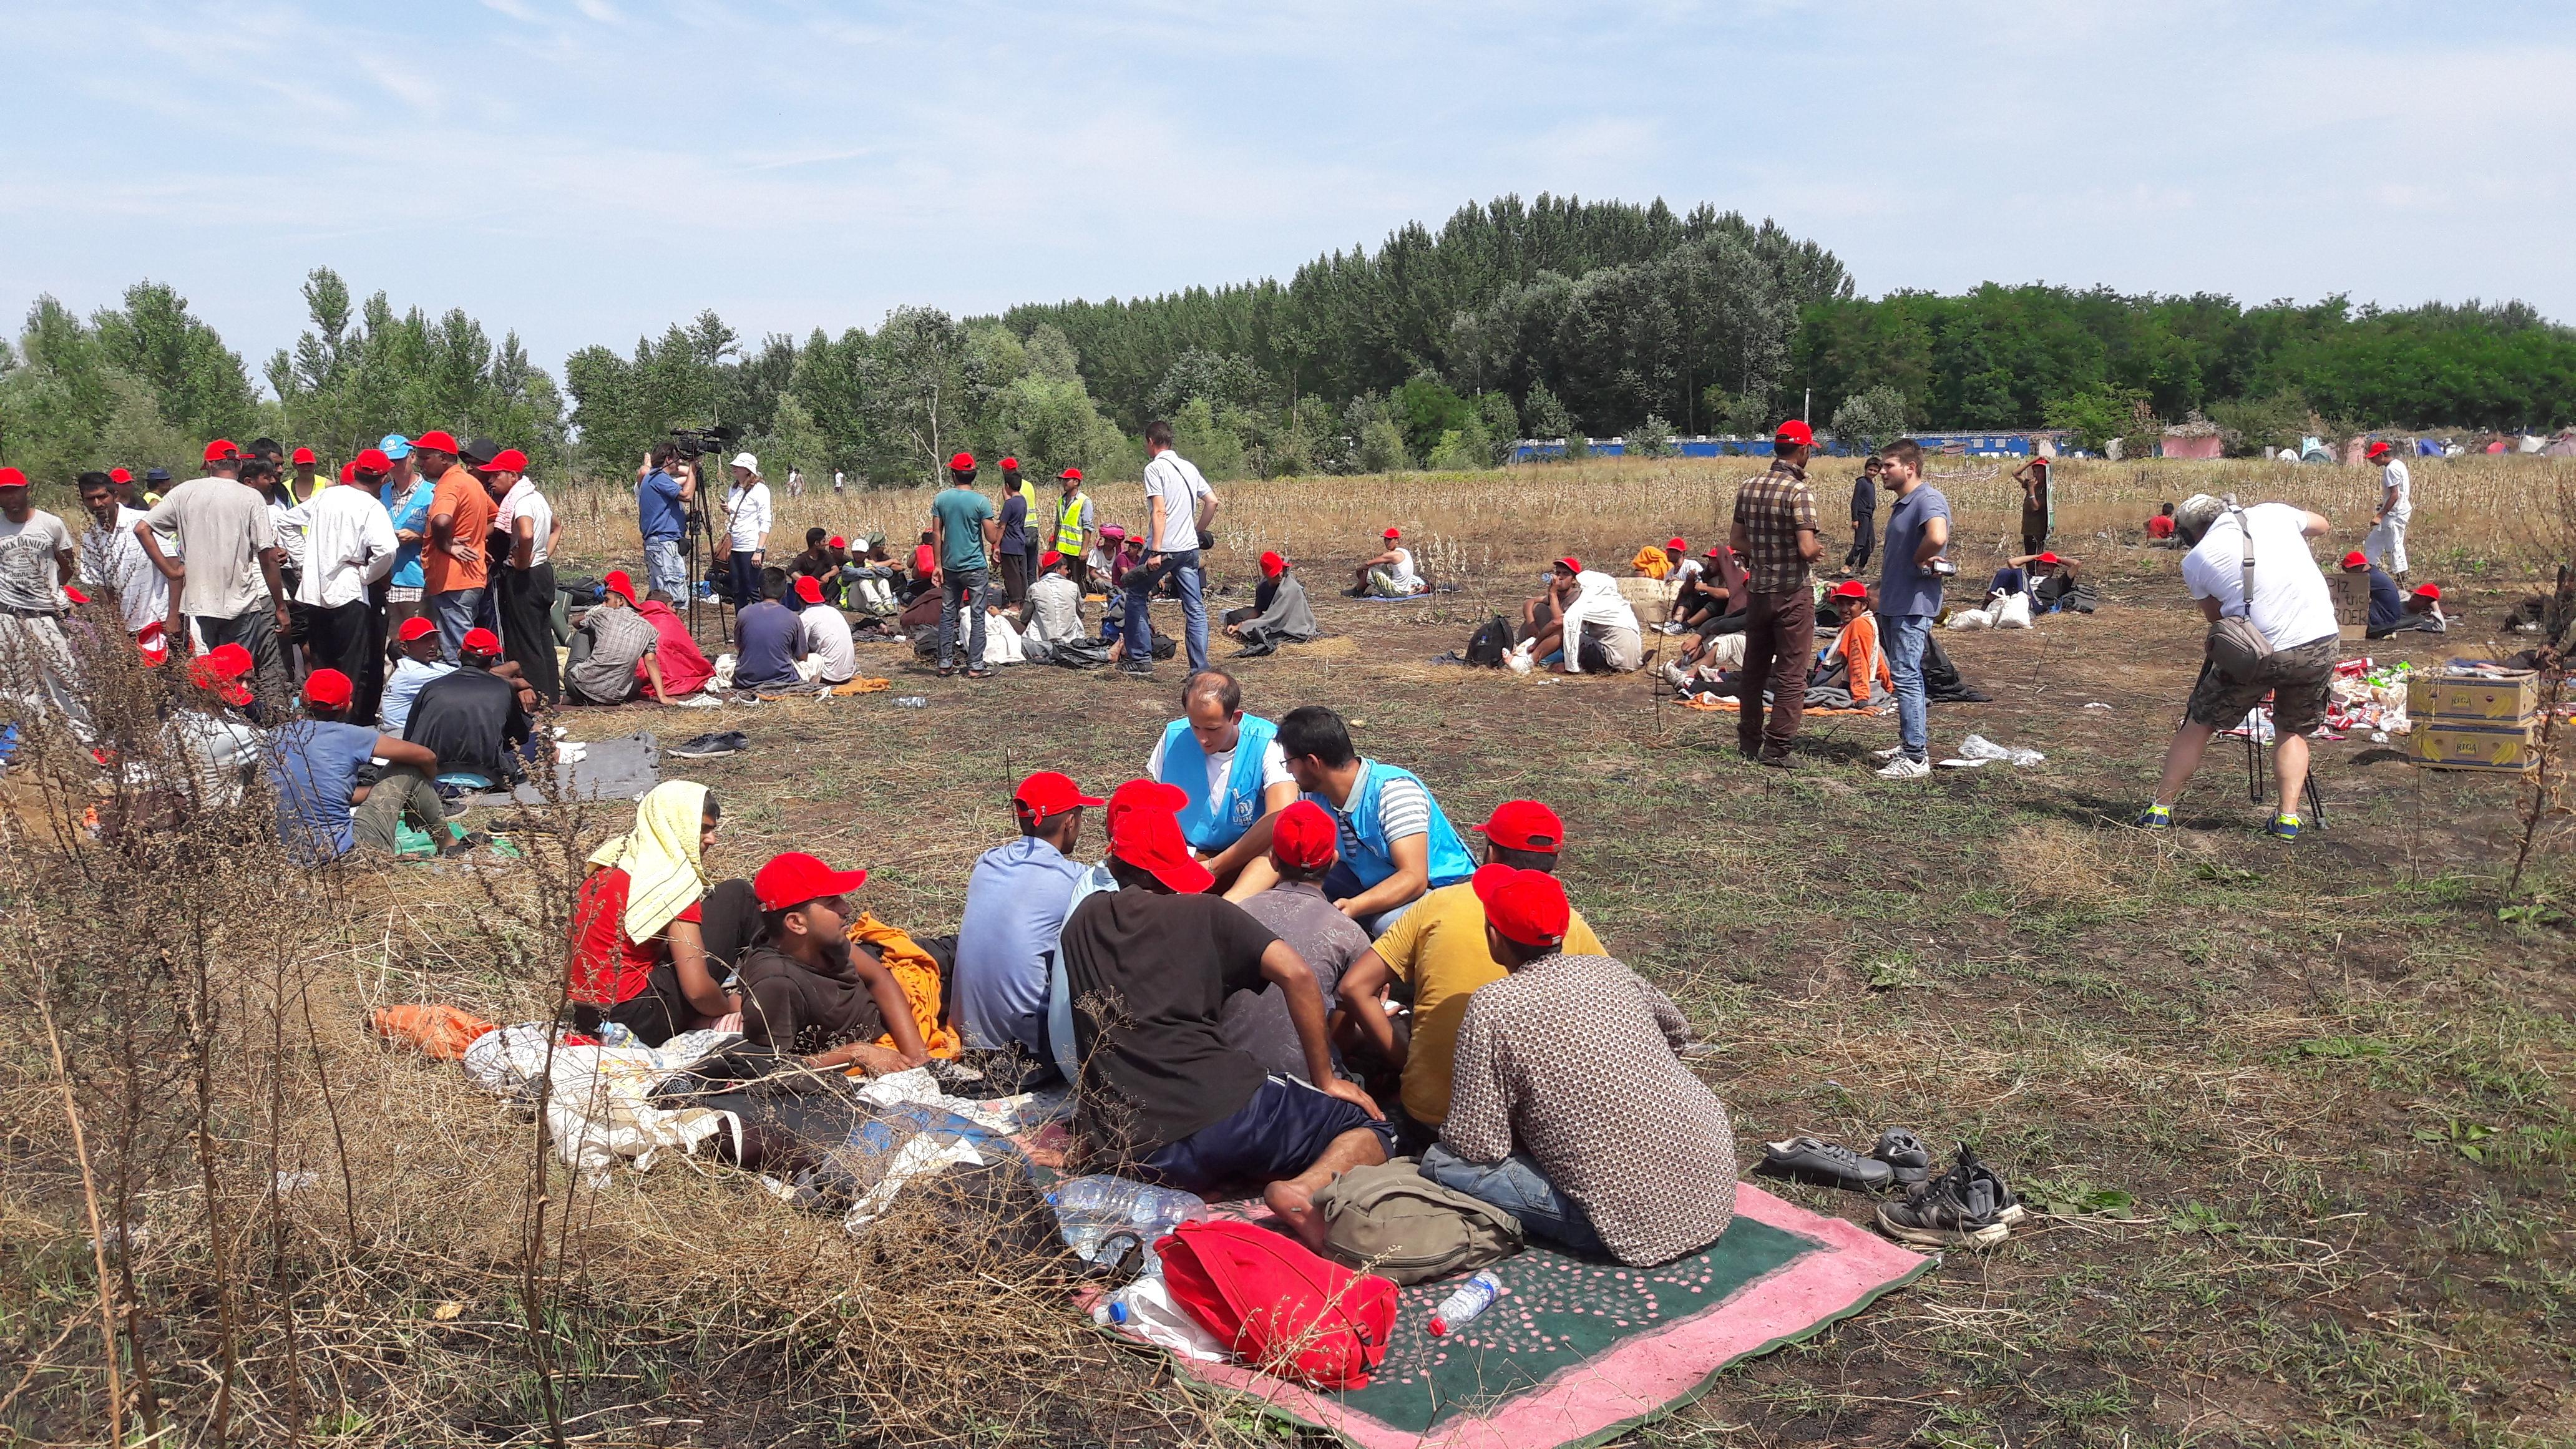 Migrati protestuju i štrajkuju glađu kod Horgoša.